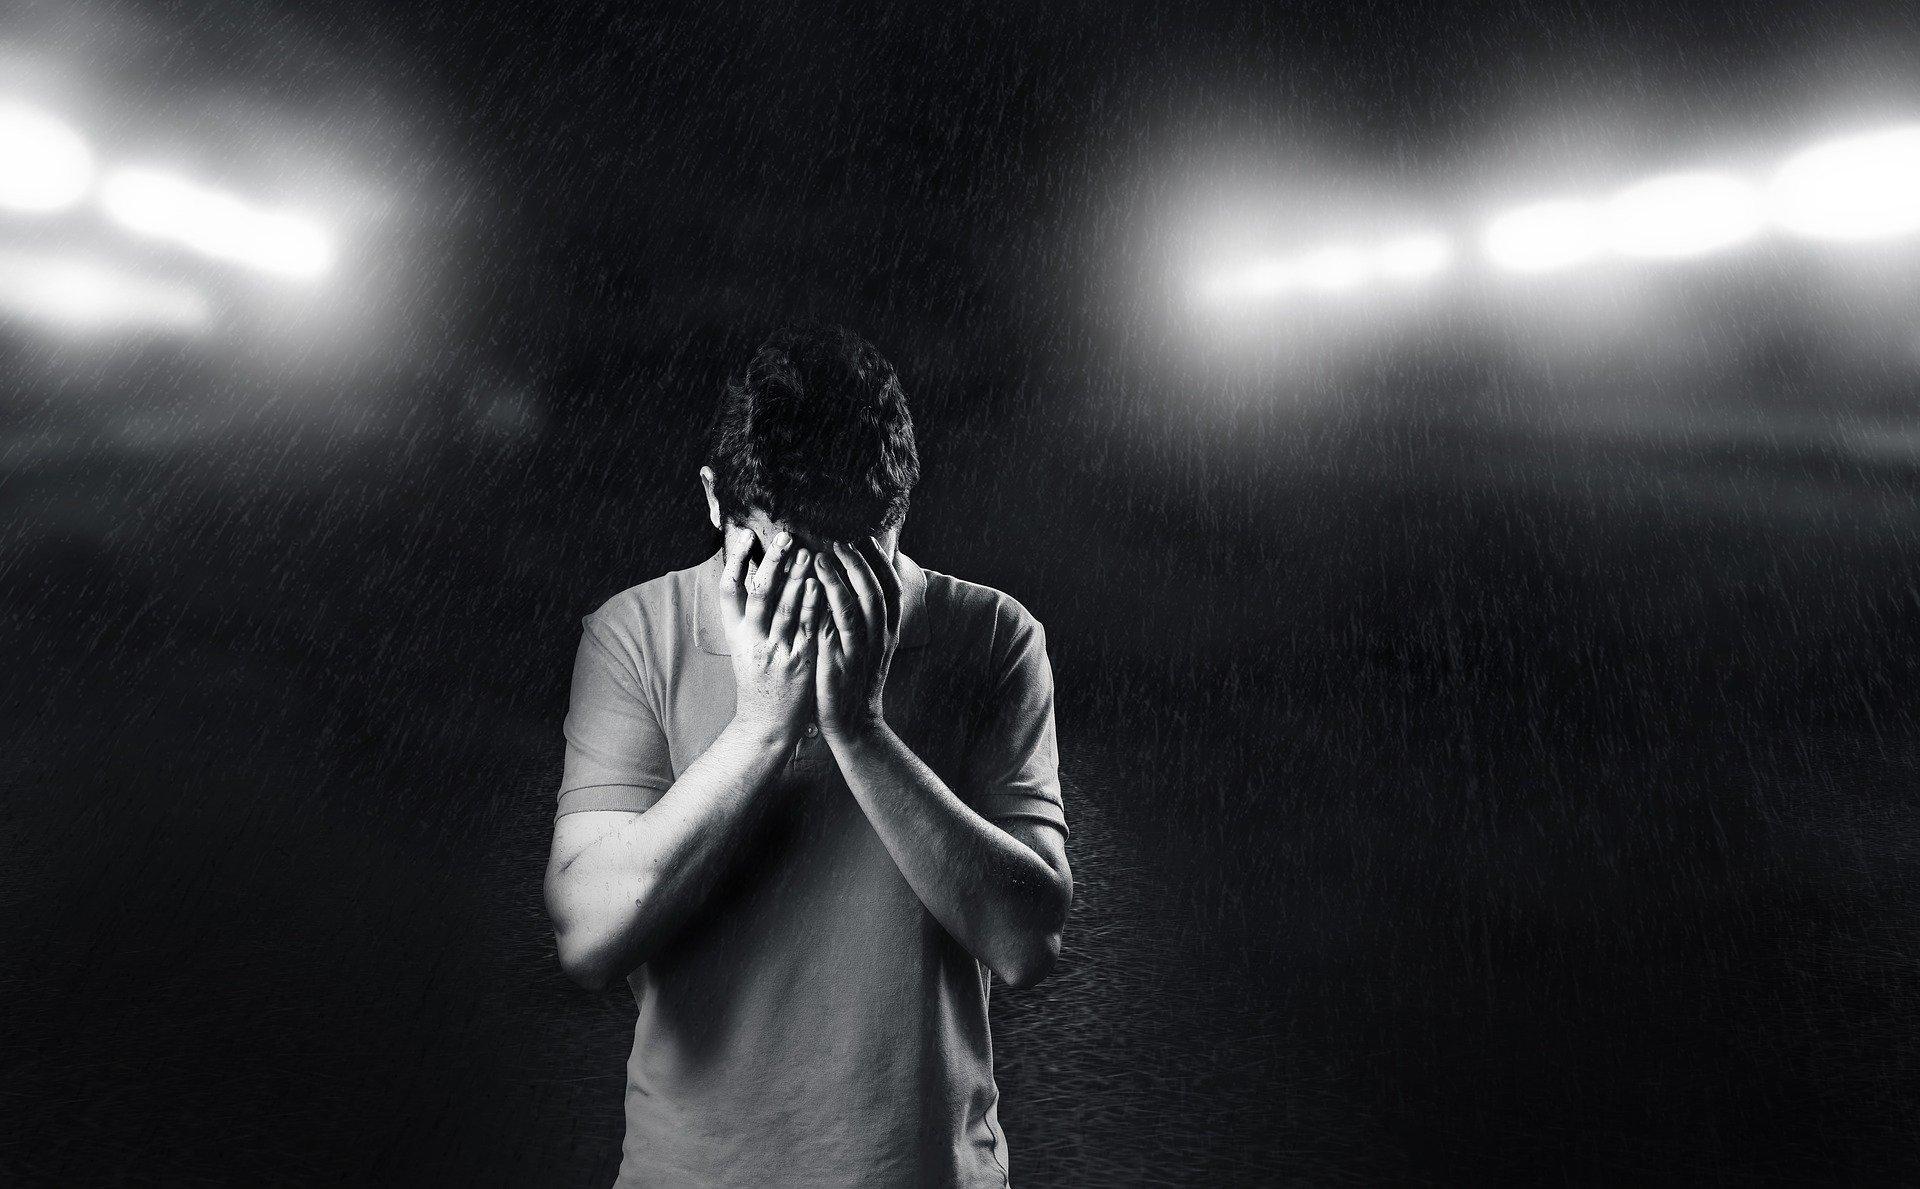 Anxietatea, stresul şi fobiile